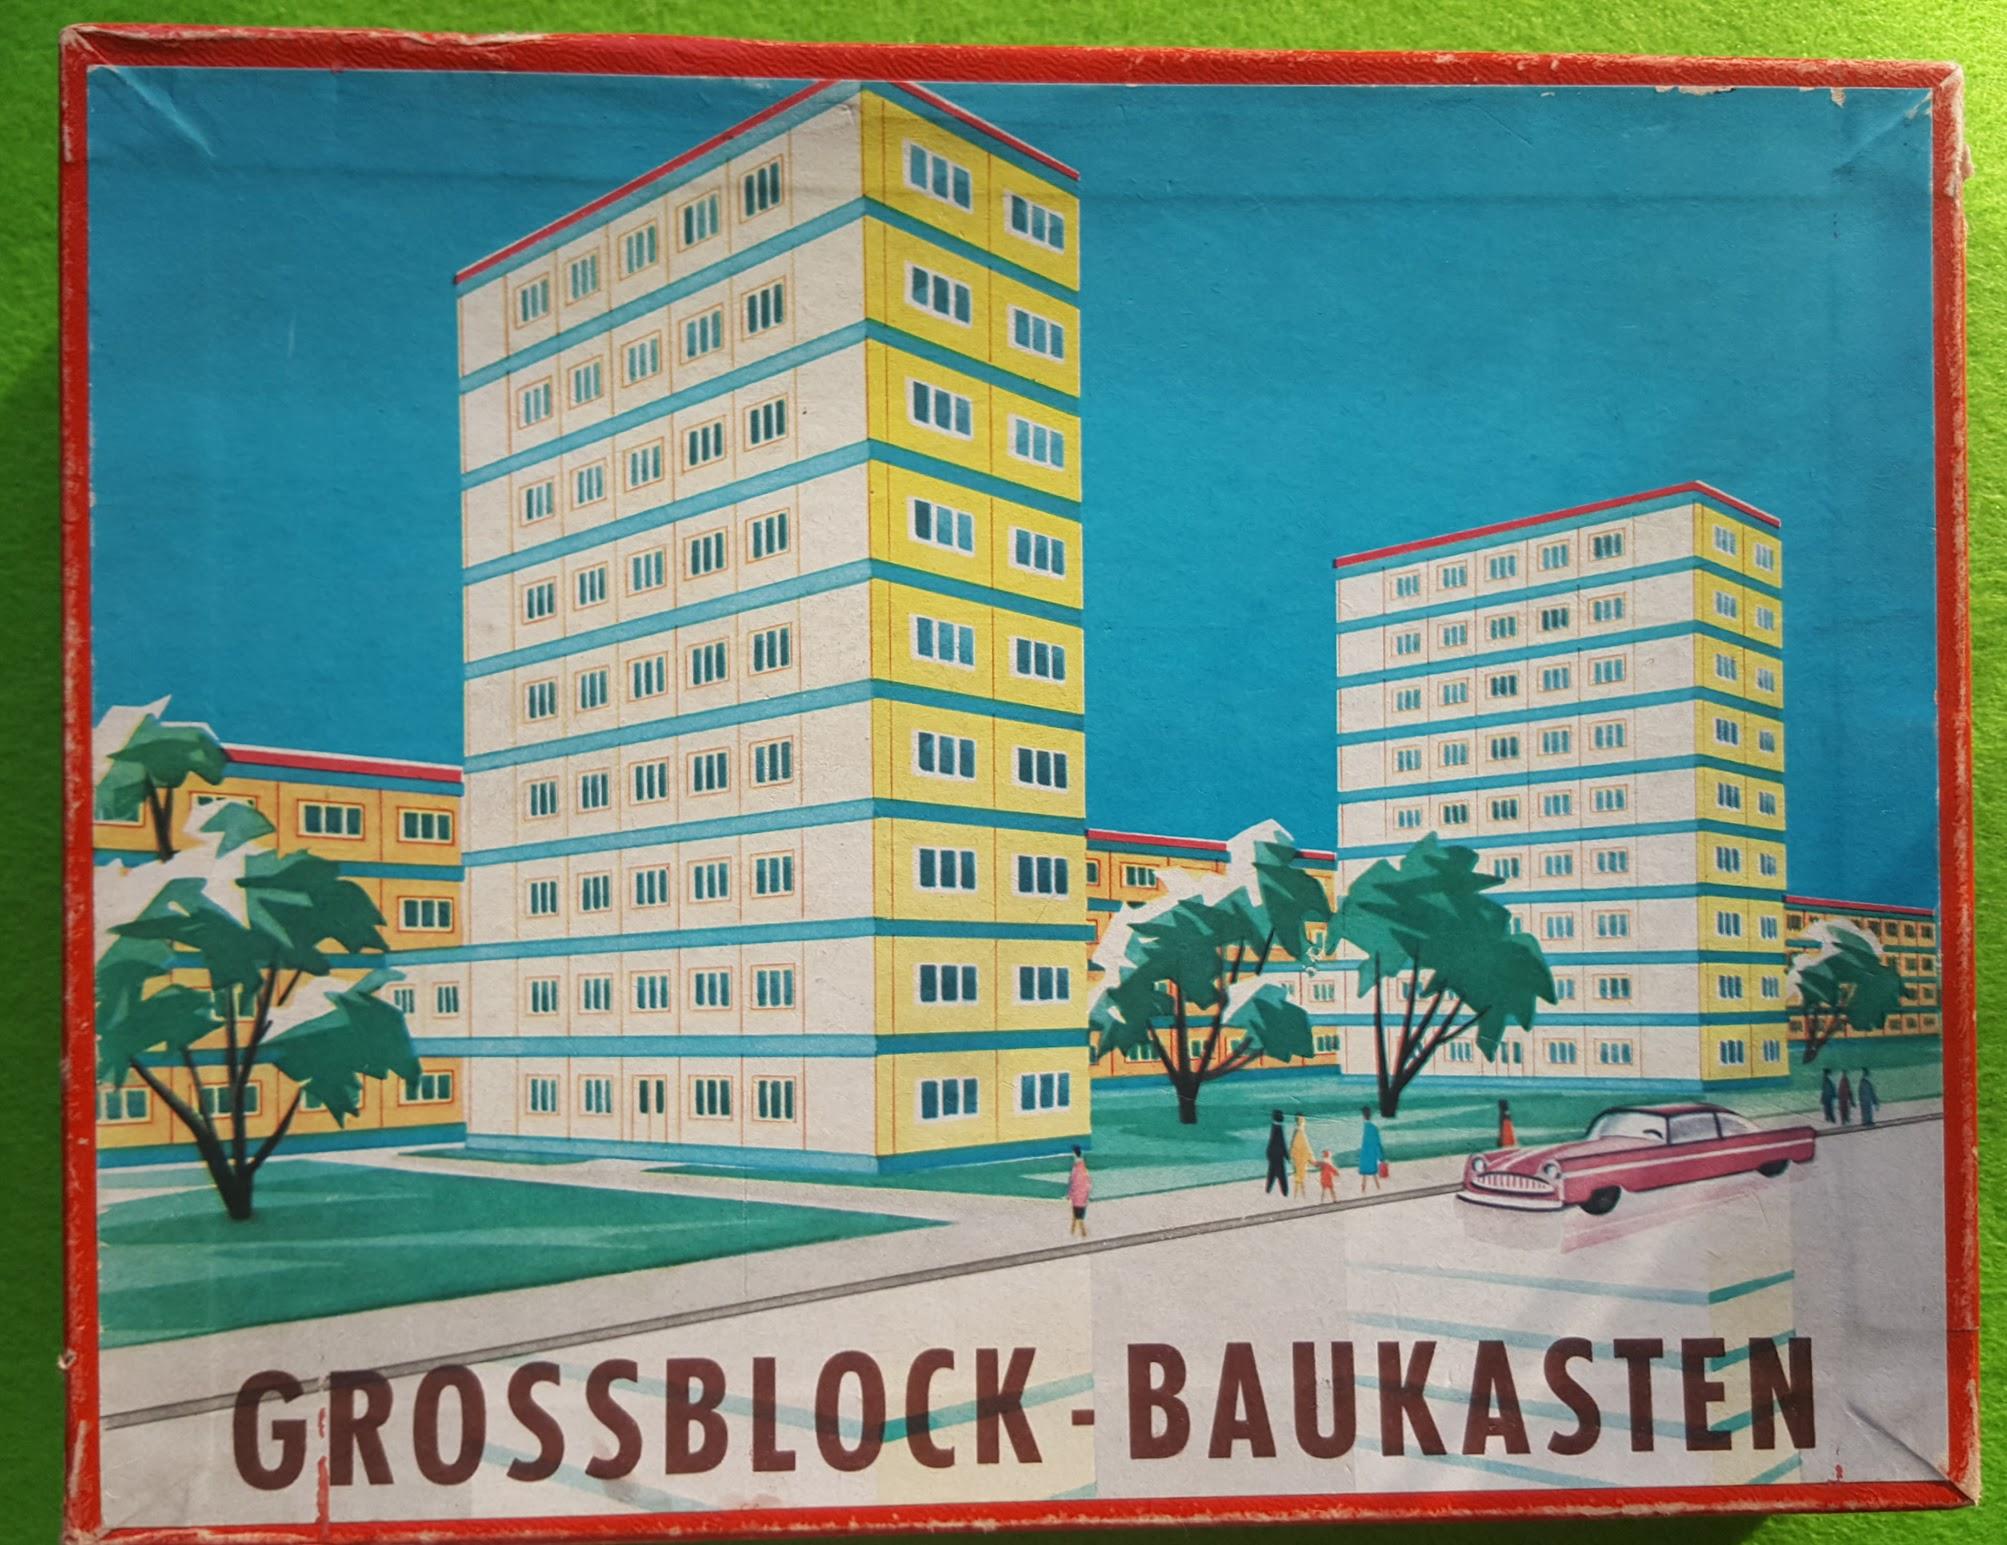 Der DDR-Plattenbau-Baukasten